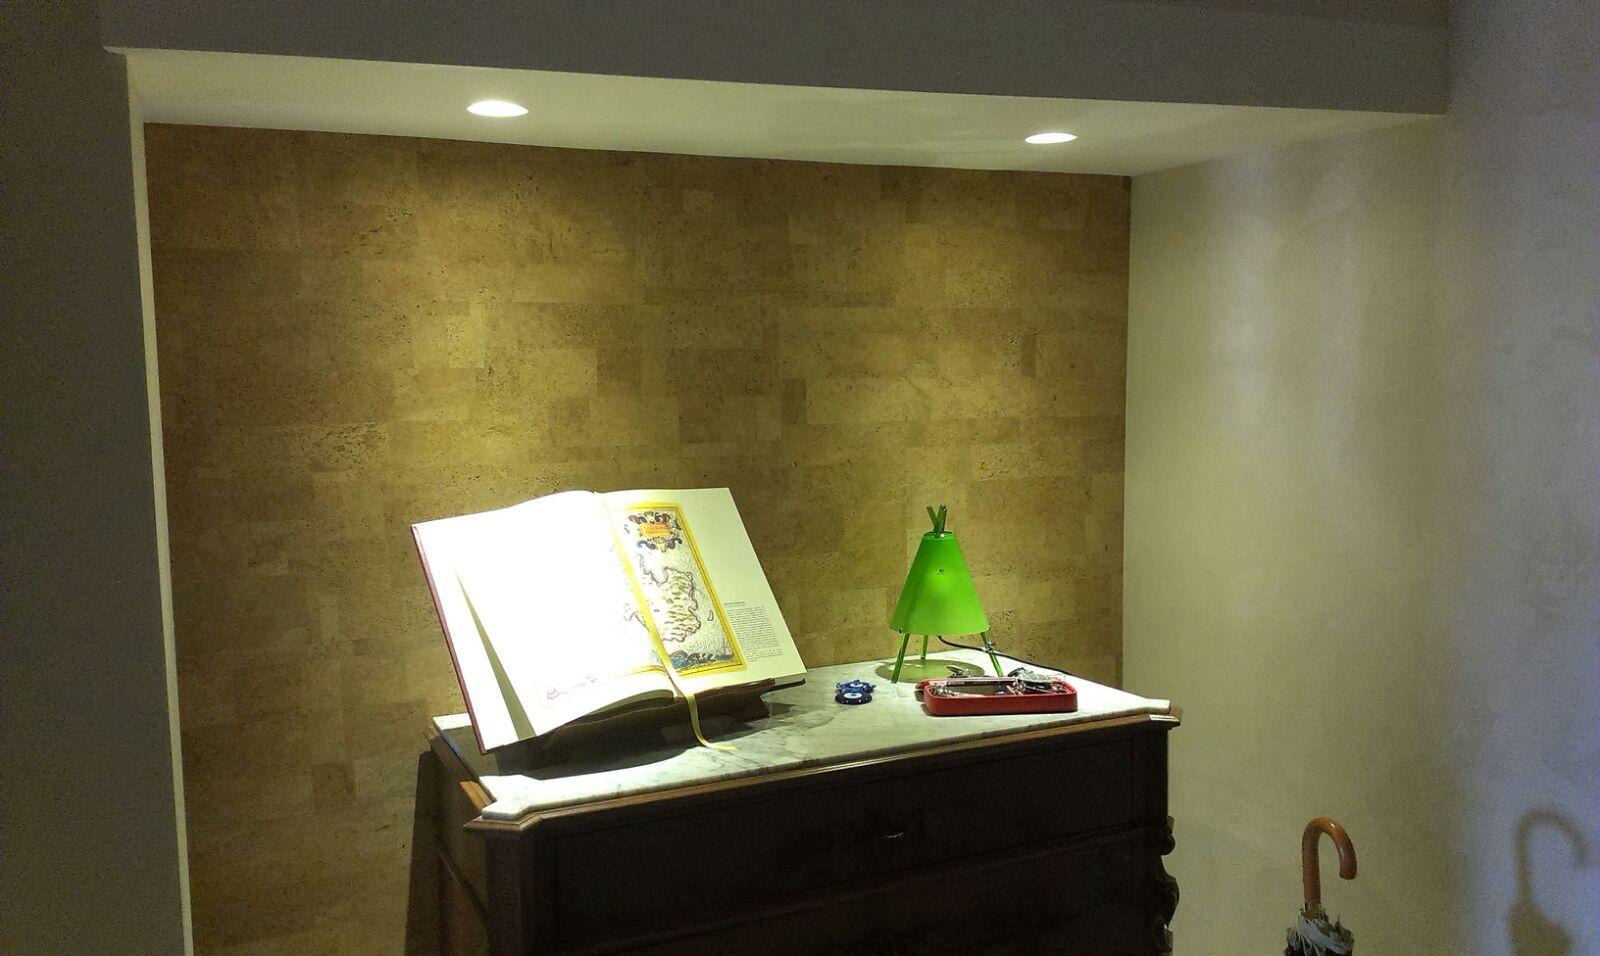 Pannelli decorativi per pareti interne prezzi pannelli - Pannelli decorativi pareti interne ...